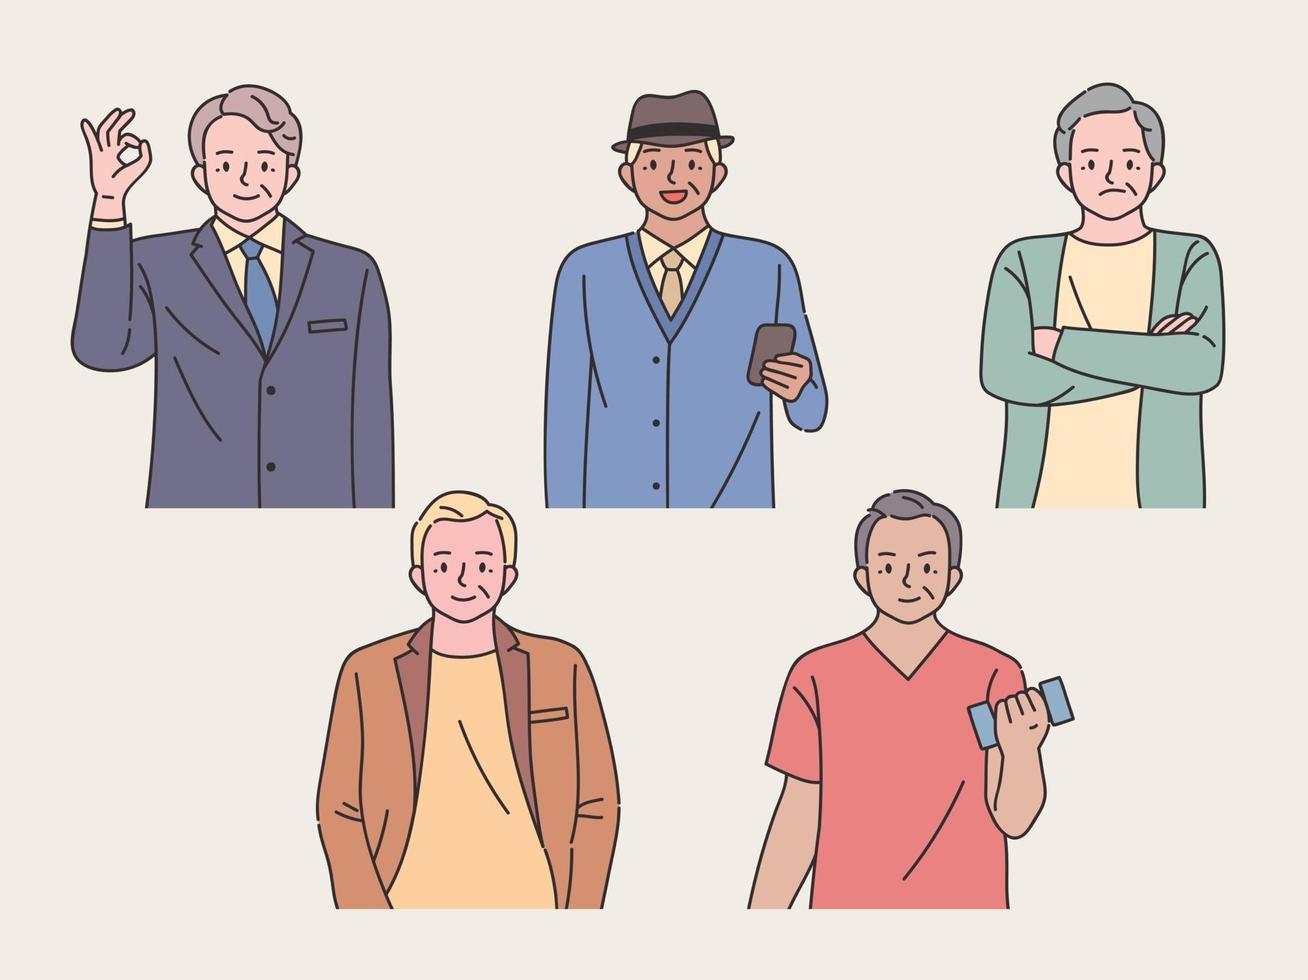 stijlvolle oude man set. een verzameling oude mannen met zelfverzekerde uitdrukkingen in stijlvolle kleding. vector